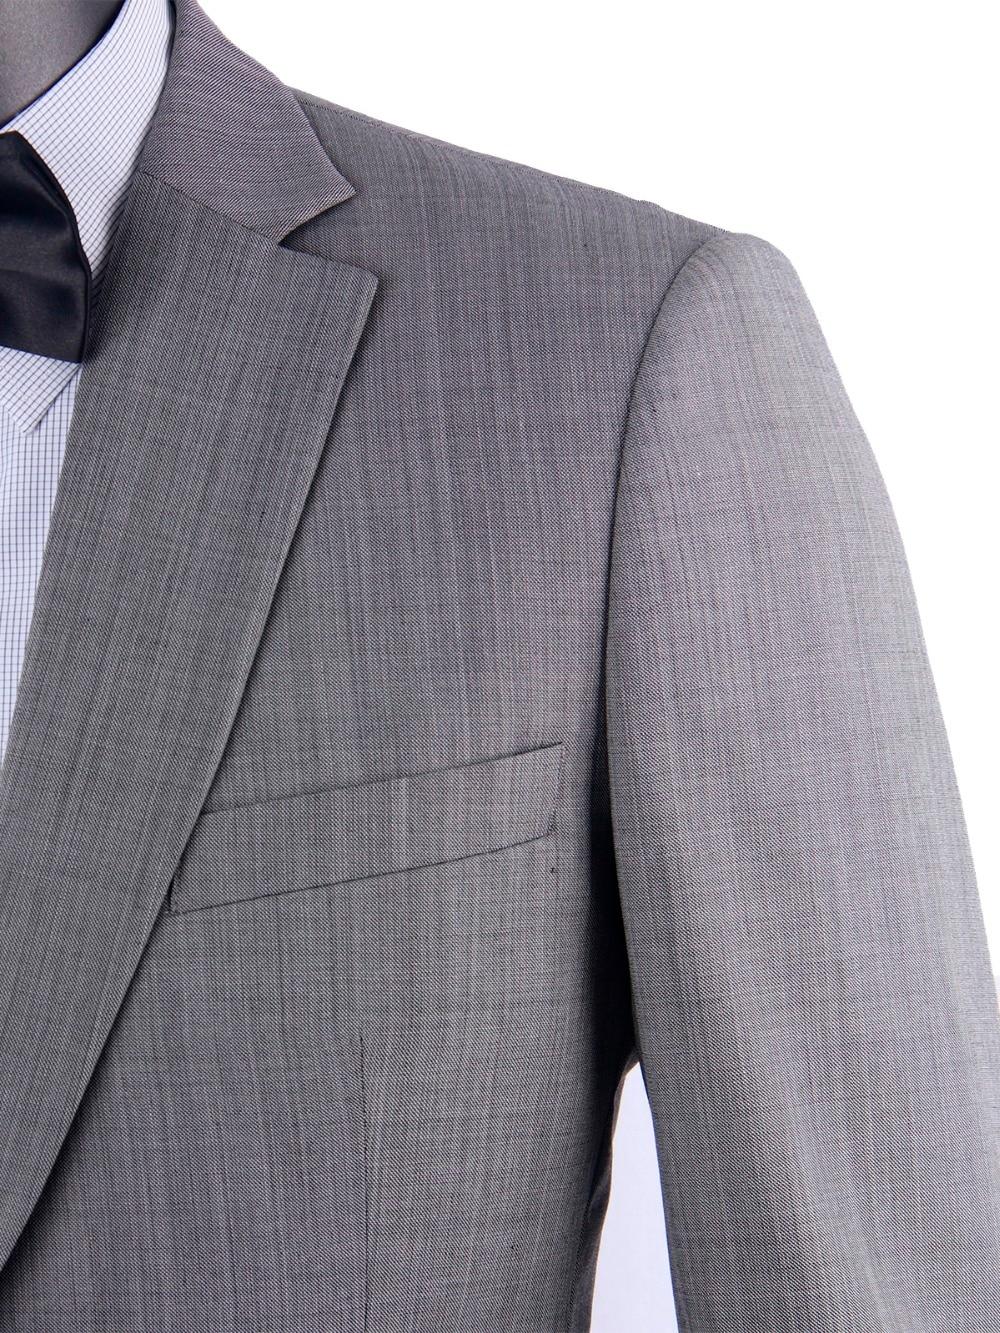 Стильный Grey Sharkskin Бизнес Для мужчин английские костюмы Made Slim Fit Гладкой камвольная шерсть смесь свадебные костюмы для мужчин Жених костюм